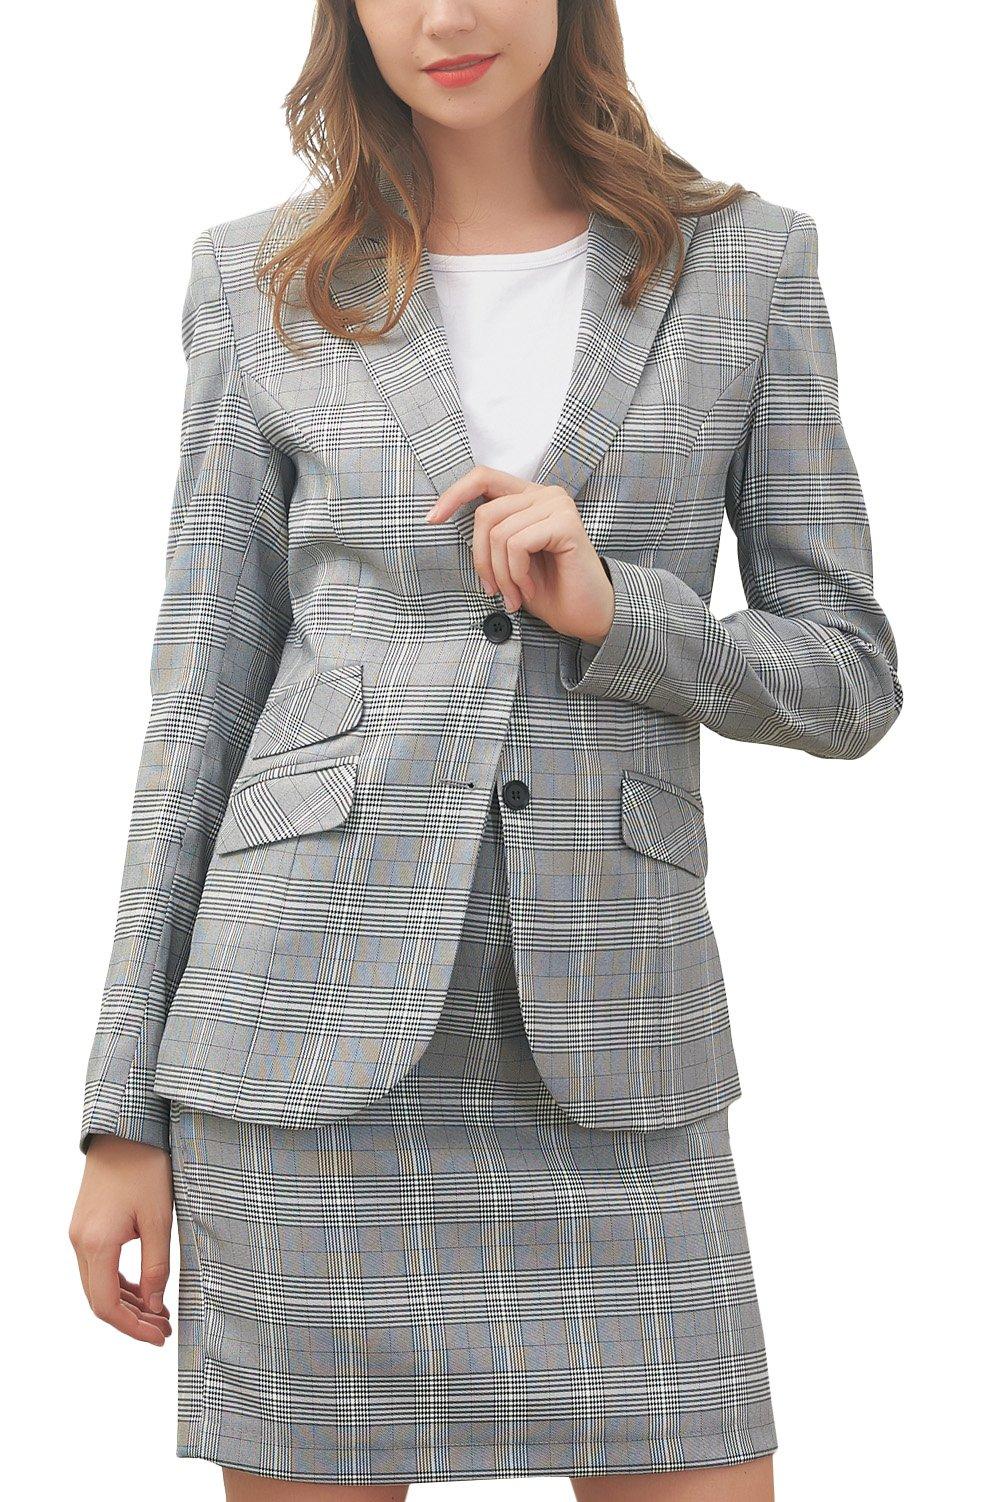 Hanayome Women's Suit Set Two Pieces Casual Tartan Blazer Slim Fit Short Dress MI5 (Grey, 16W)